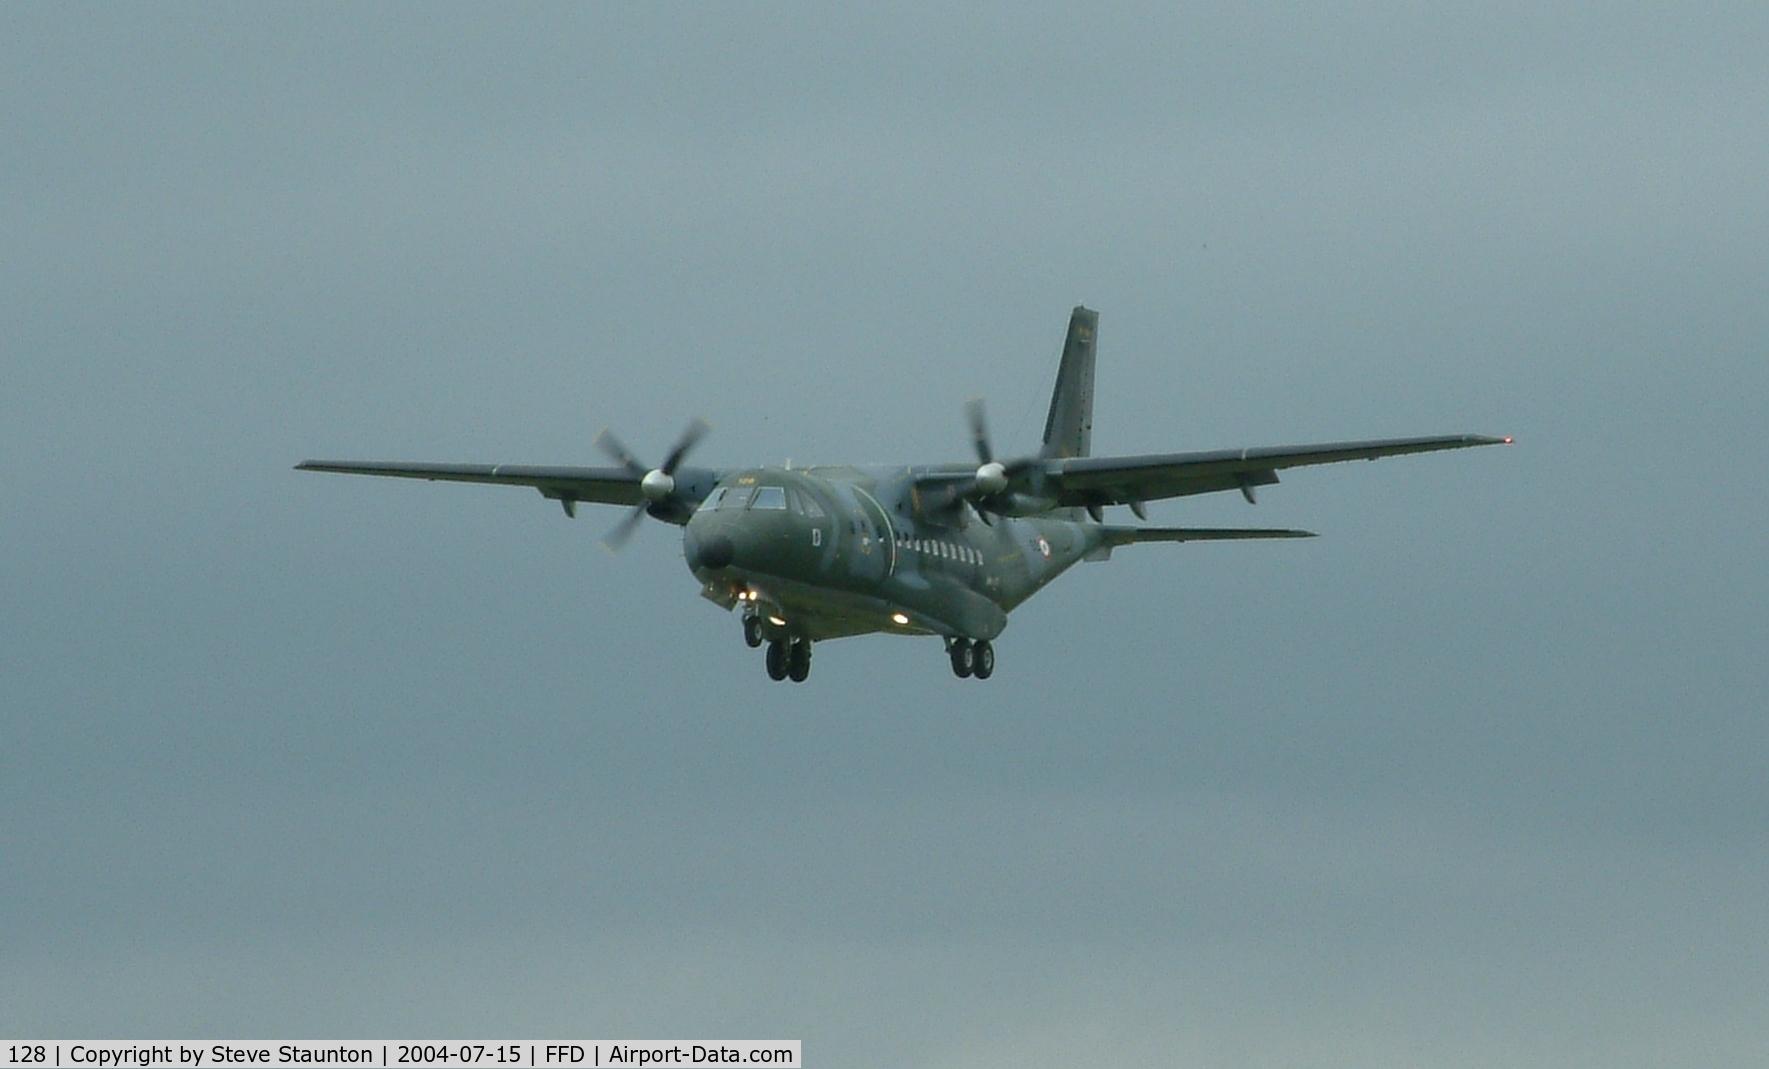 128, Airtech CN-235-200M C/N C128, Royal International Air Tattoo 2004